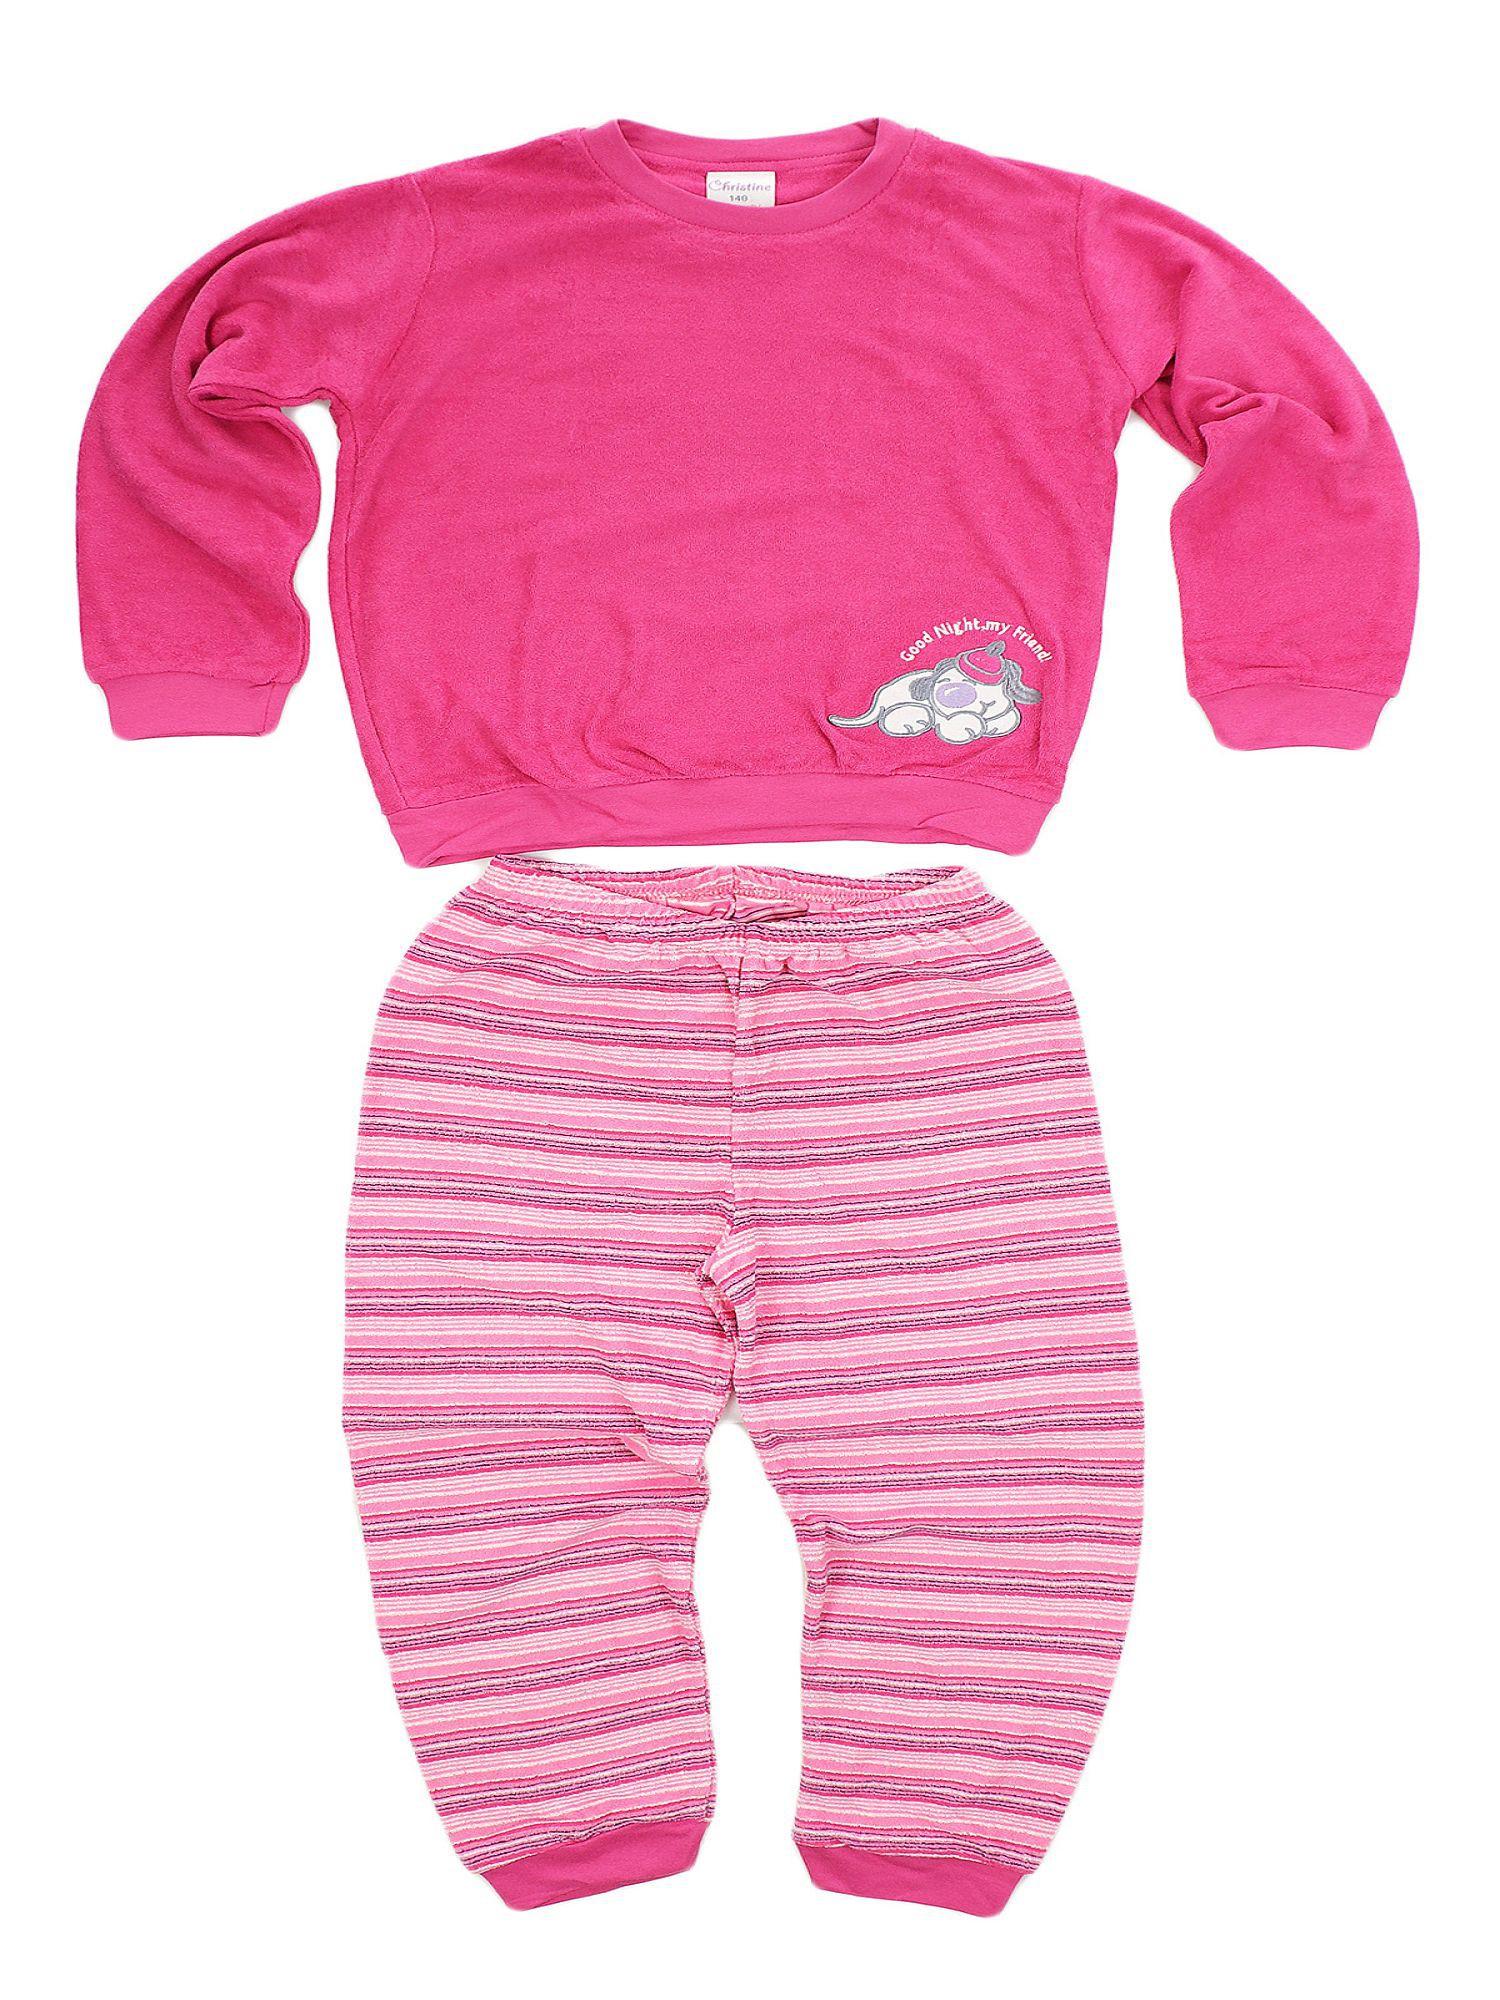 Kuscheliger Mädchen Frottee Schlafanzug Pyjama mit Bündchen und süsser Hunde Applikation – Bild 2